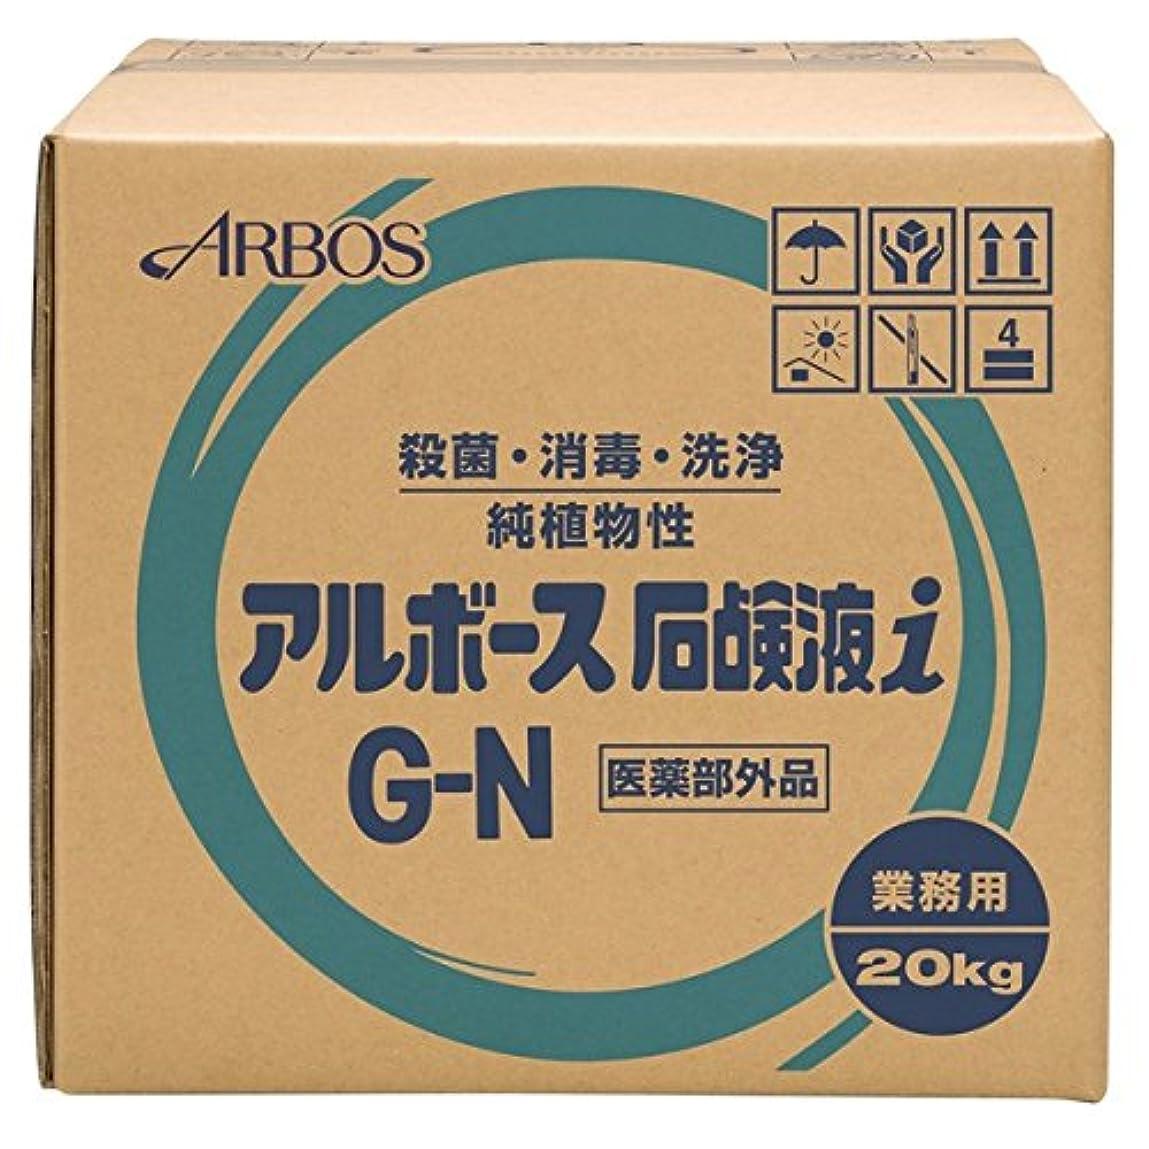 ペスト乱気流降伏アルボース 薬用ハンドソープ アルボース石鹸液i G-N 濃縮タイプ 20kg